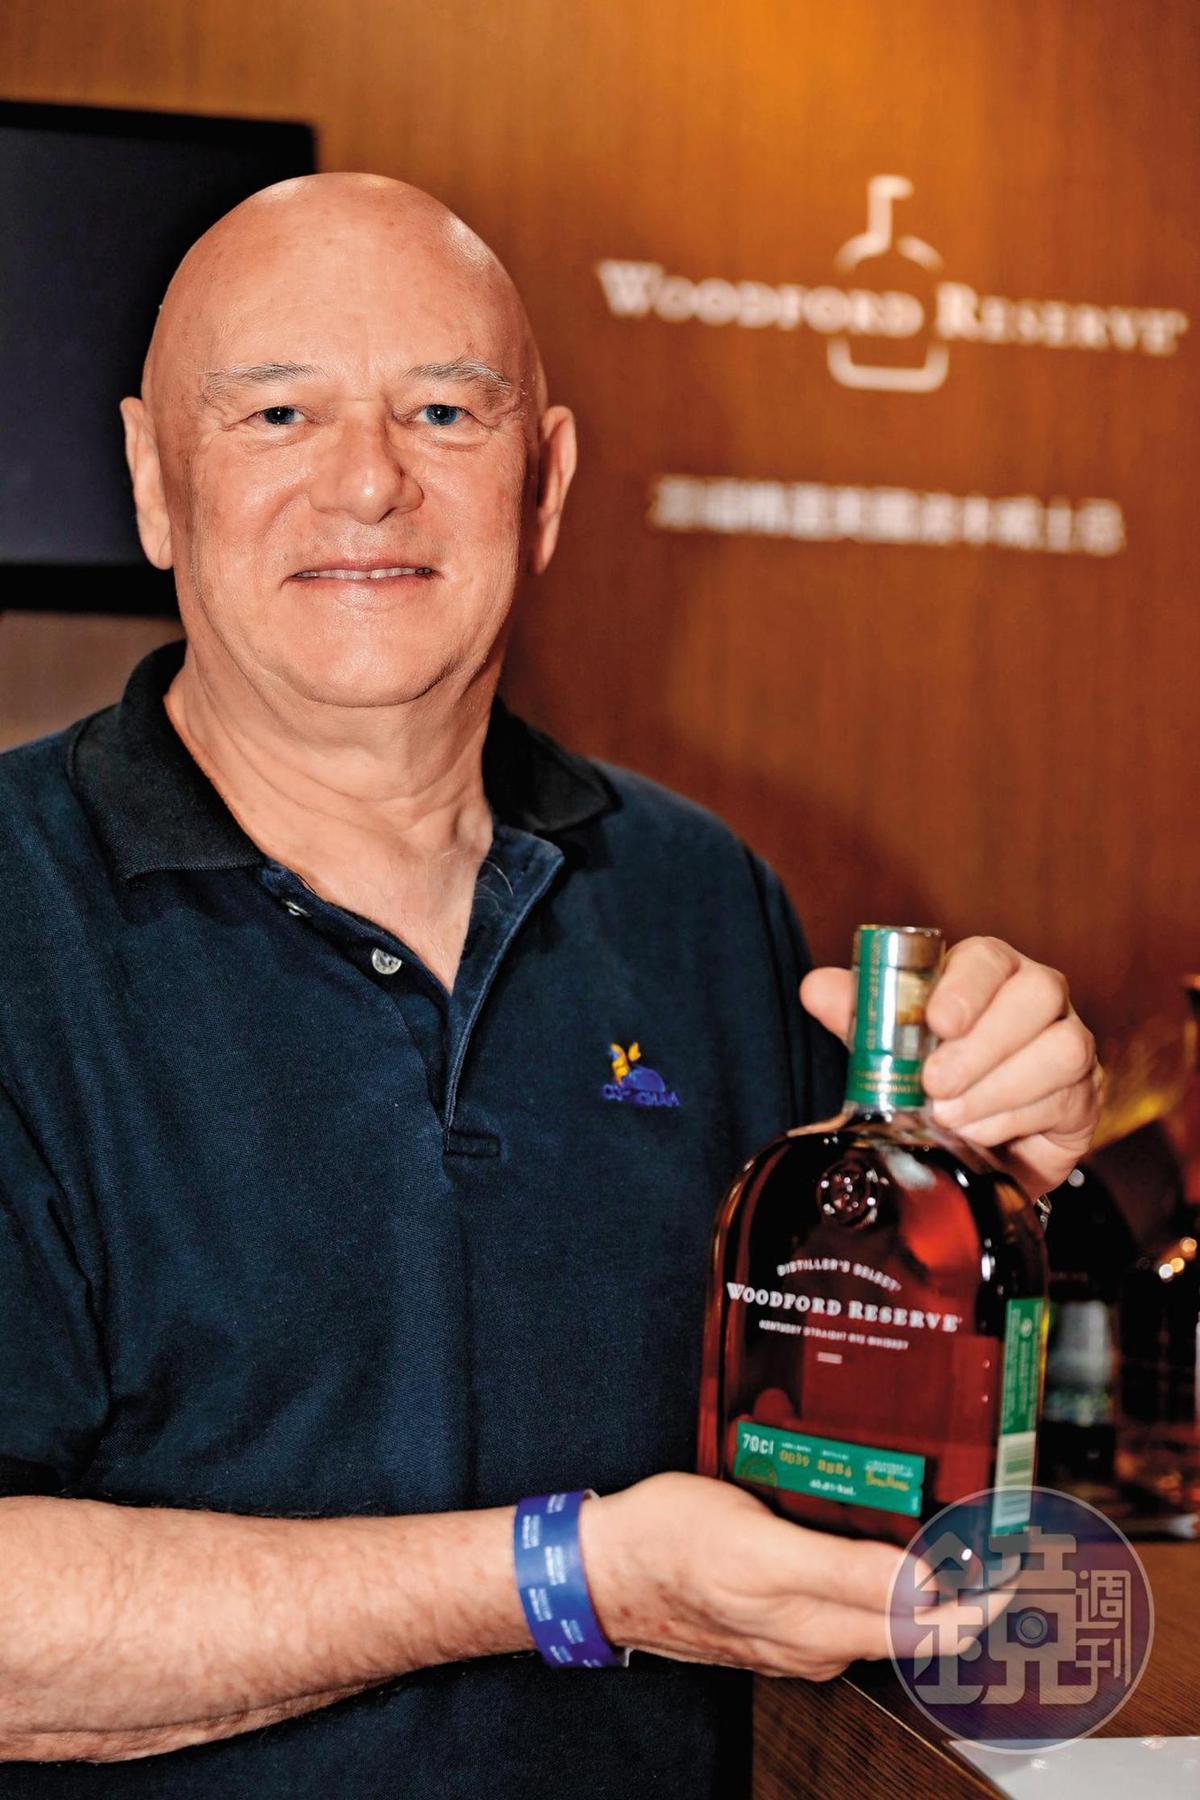 這位應該是台灣酒界最出名、最資深的老外,廷漢的老闆柯廷漢,他手上拿著代理的Woodford波本威士忌,道格拉斯梁、Gordon & Macphail也是他代理。